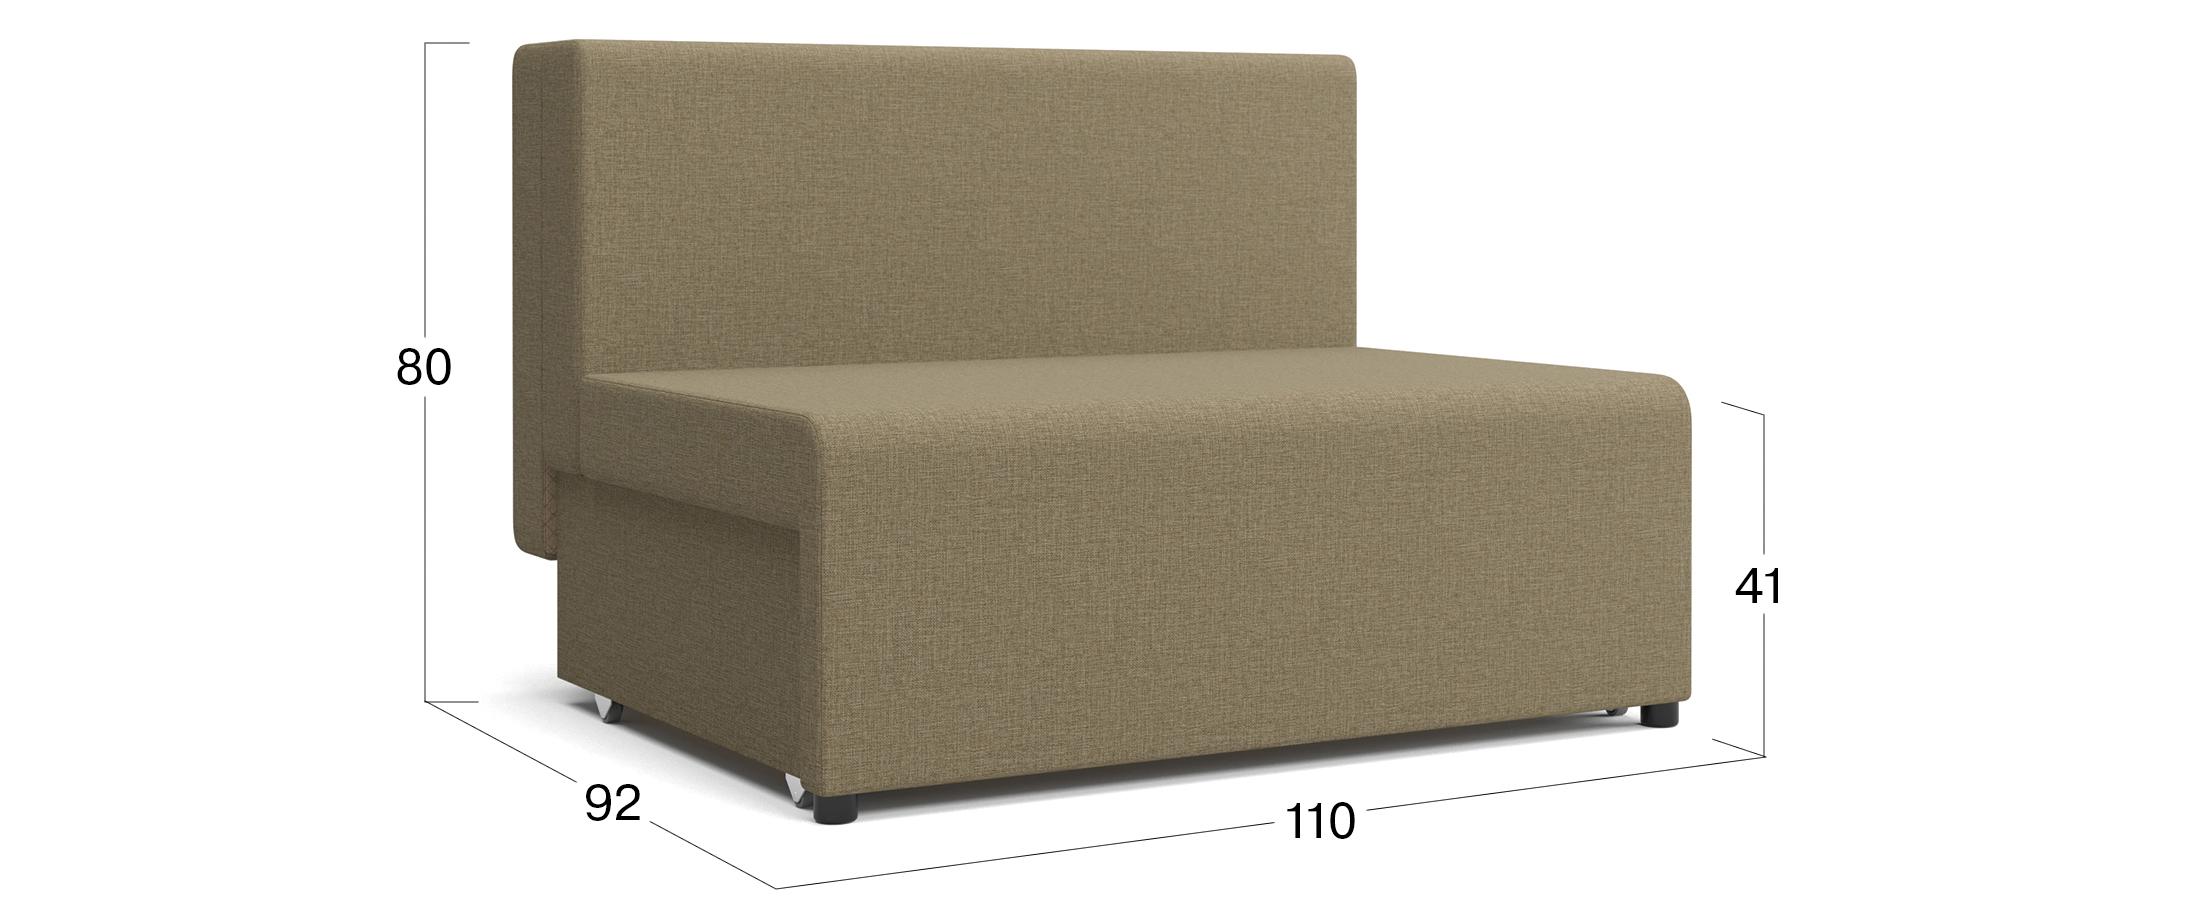 Диван прямой еврокнижка Умка 717Гостевой вариант и полноценное спальное место. Размеры 110х92х80 см. Купить бежевый диван еврокнижка в интернет-магазине MOON TRADE.